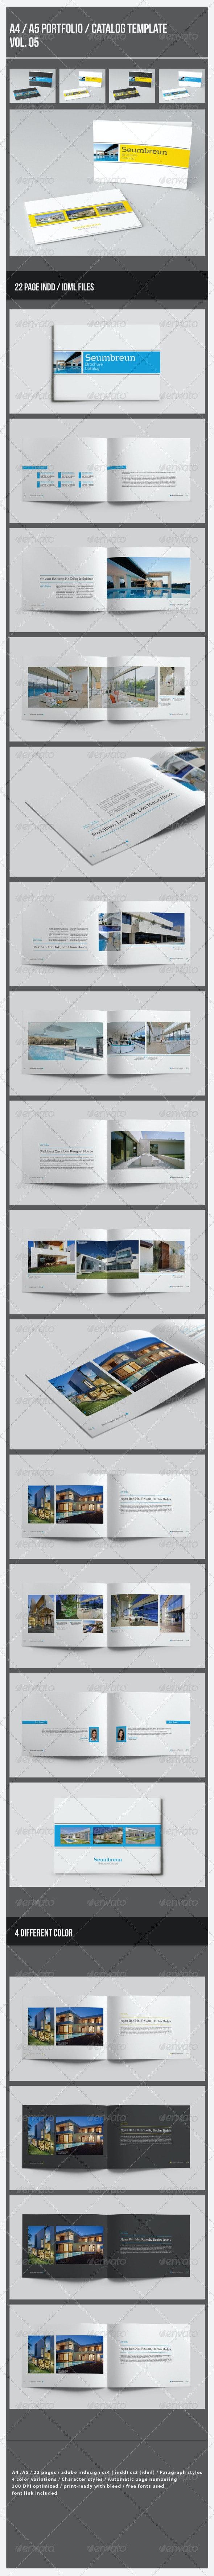 A4/A5 Portfolio / Catalog Template Vol.5 - Portfolio Brochures